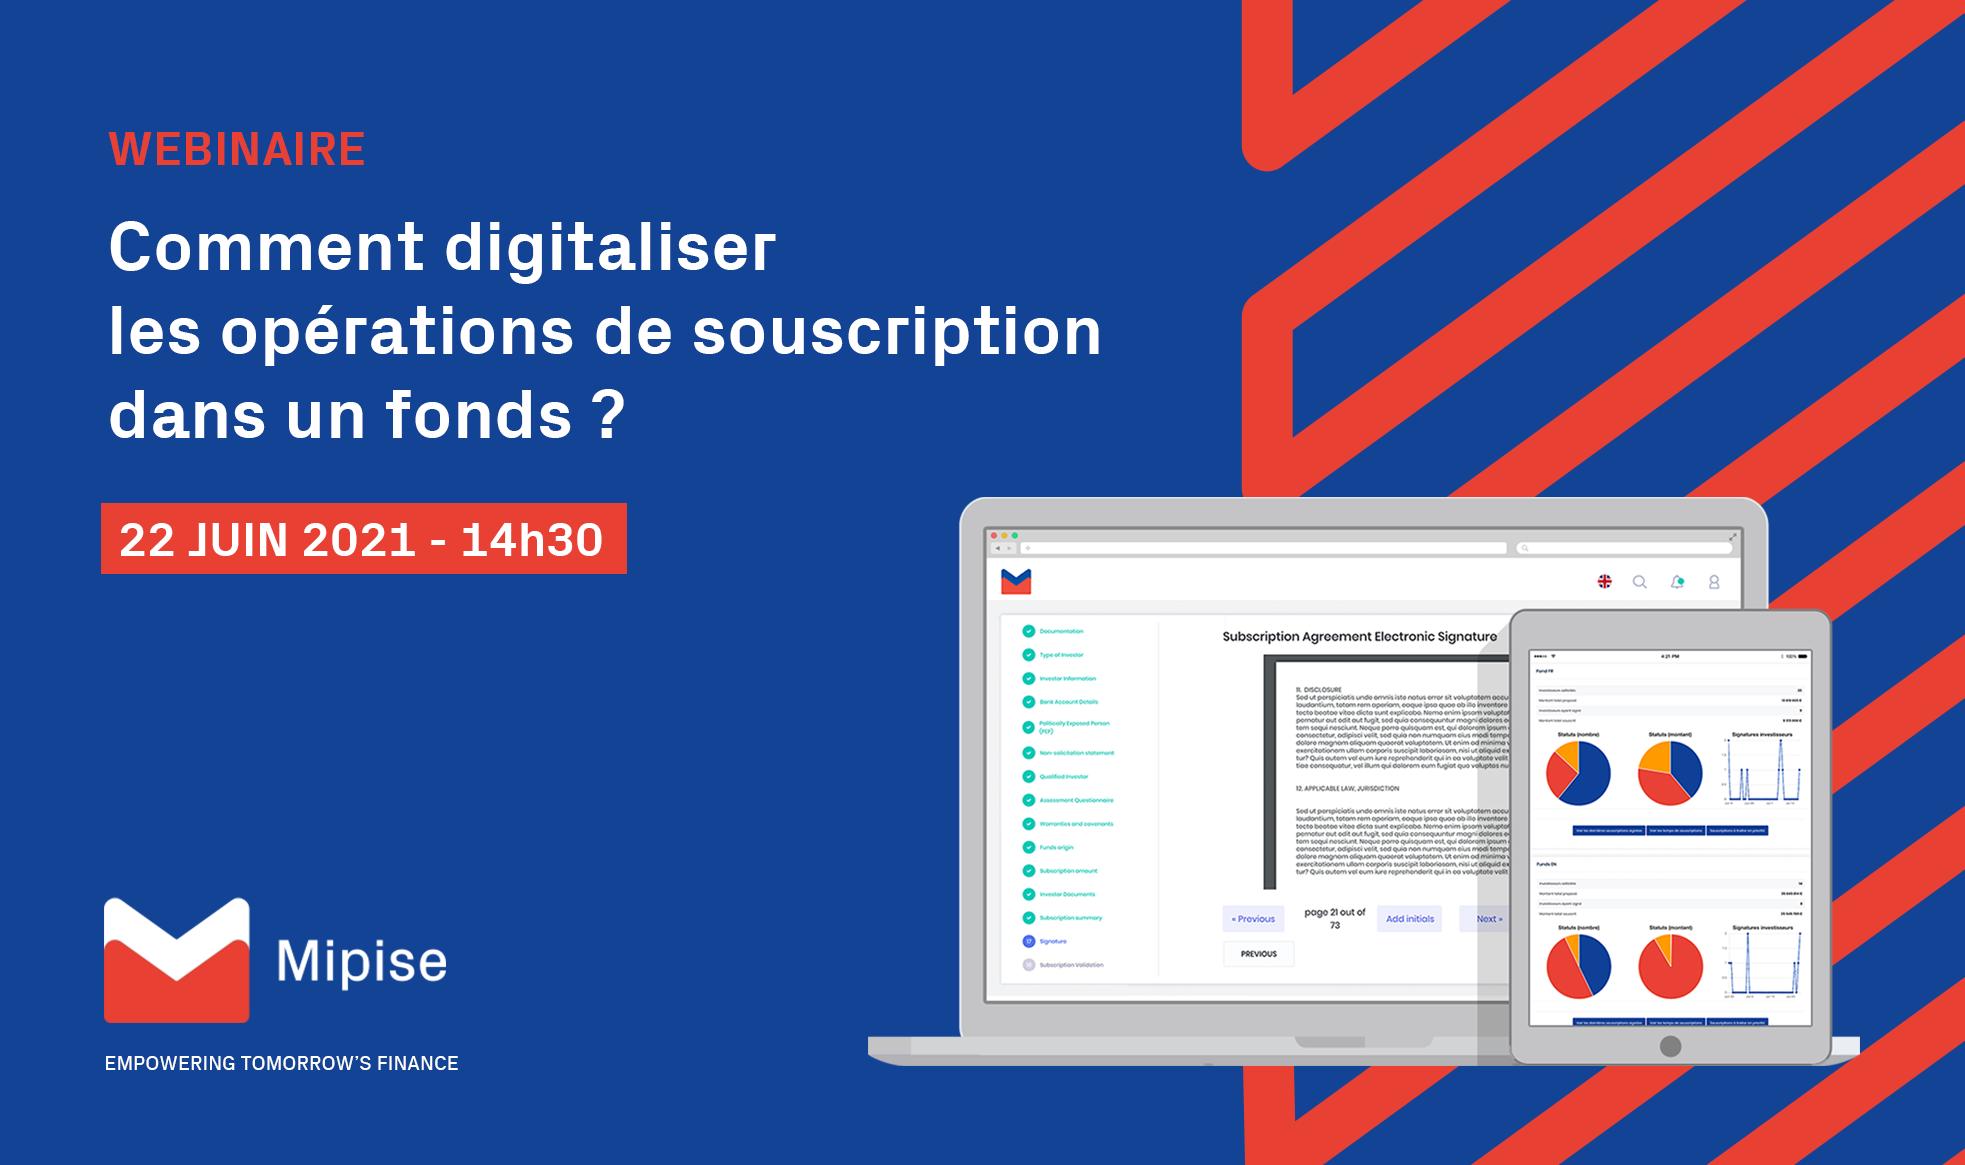 Webinaire : Comment digitaliser les opérations de souscription dans un fonds d'investissement ?